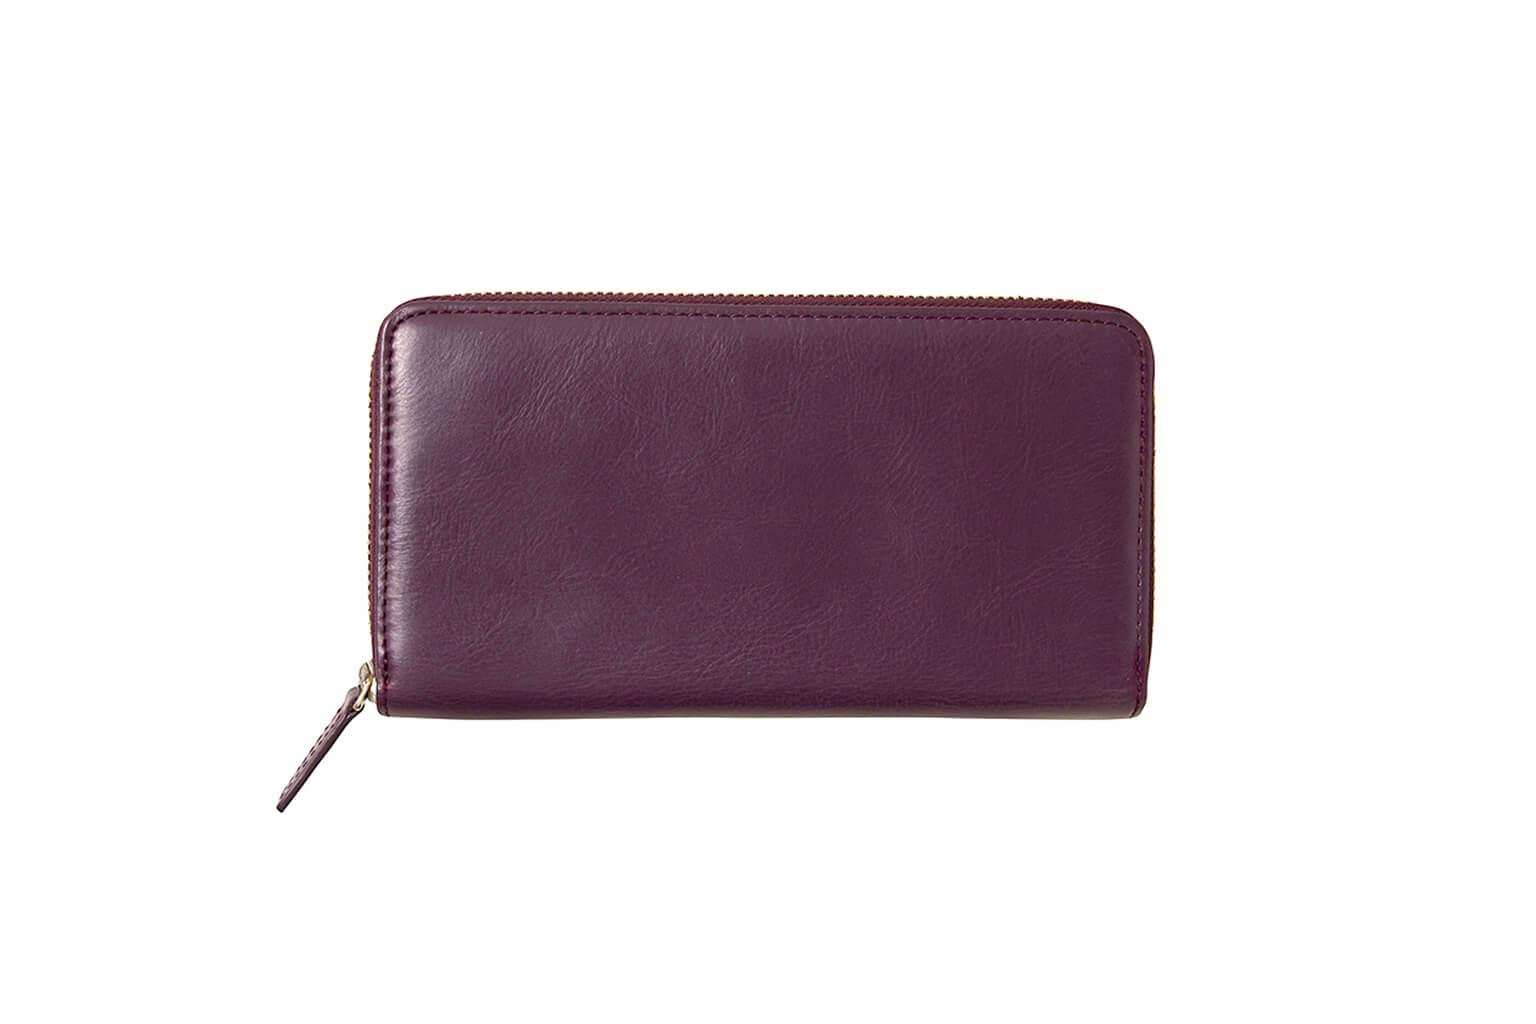 クラシックパープル Business Leather Factory(ビジネスレザーファクトリー) 長財布(ラウンドファスナー)